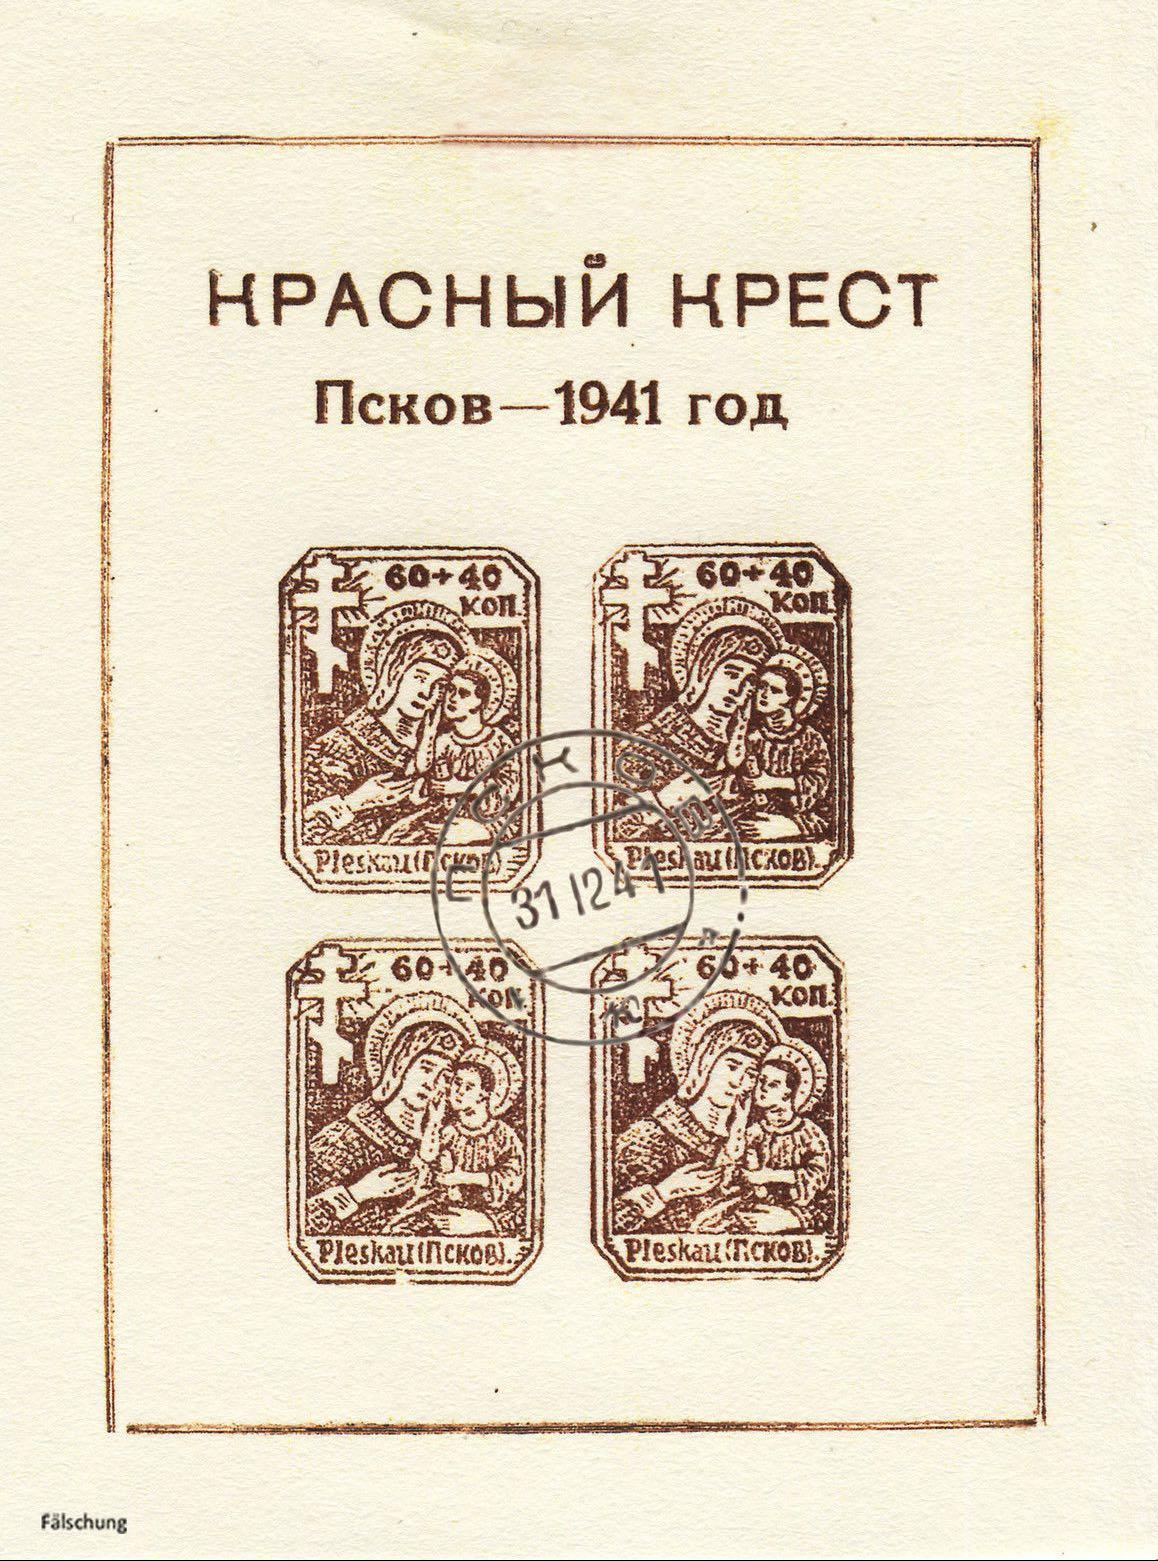 Pleskau_1941_Block1_Forgery